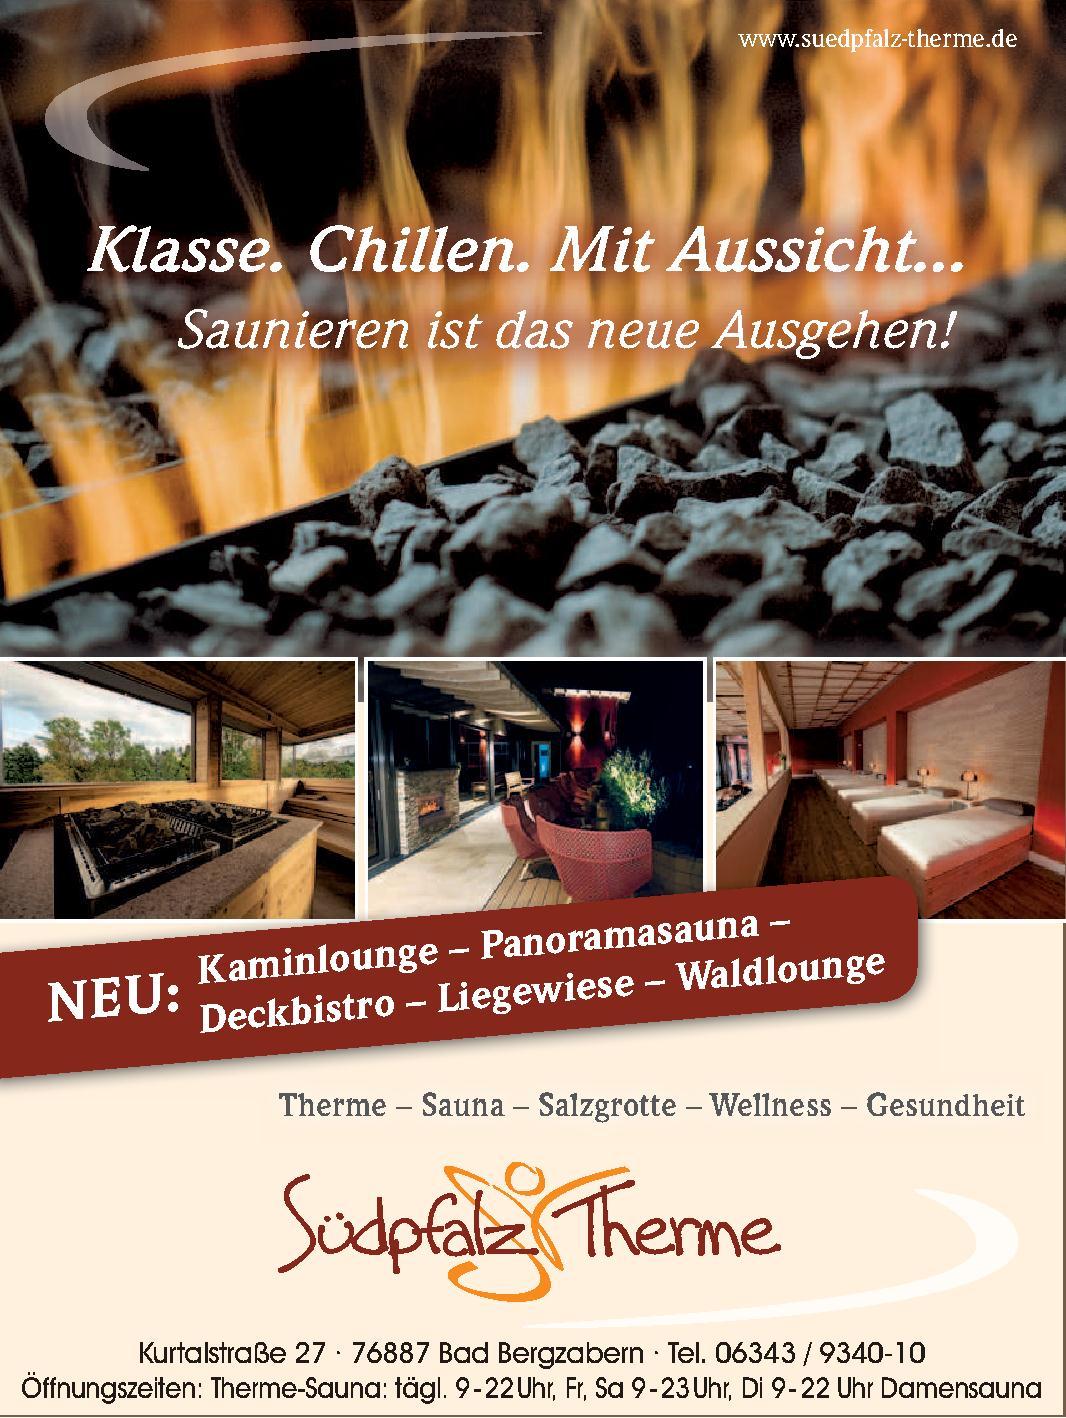 Südpfalz Therme